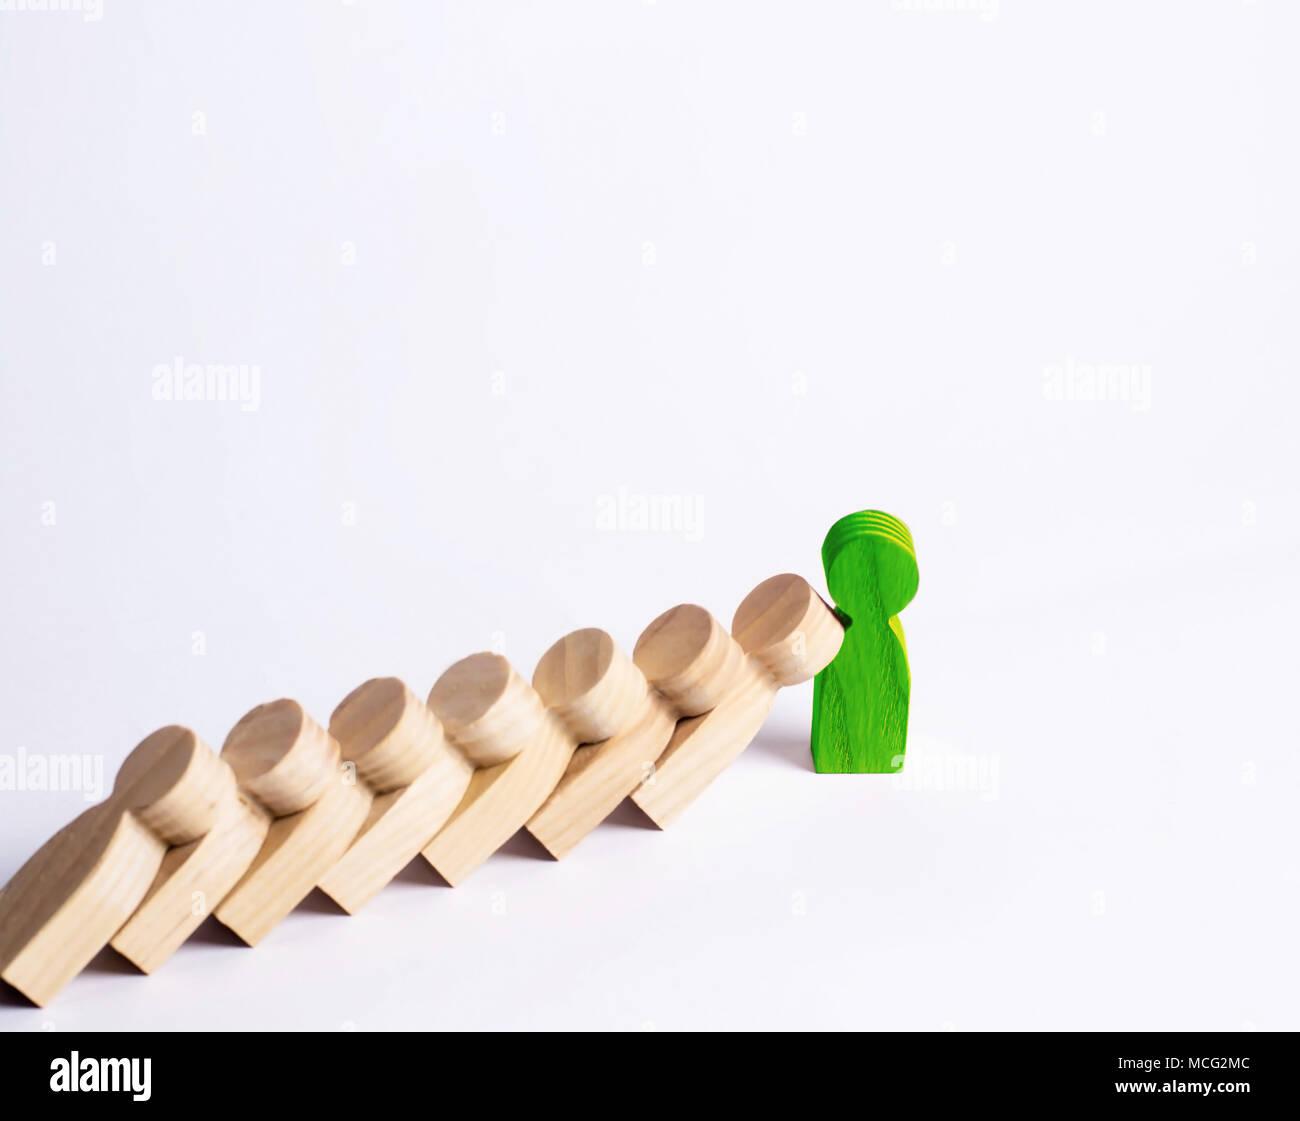 La gente in linea cadere come effetto domino. Green Man si arresta la caduta di persone come effetto domino. Il concetto di durabilità e resistenza, idee di business. La forza di volontà, Immagini Stock